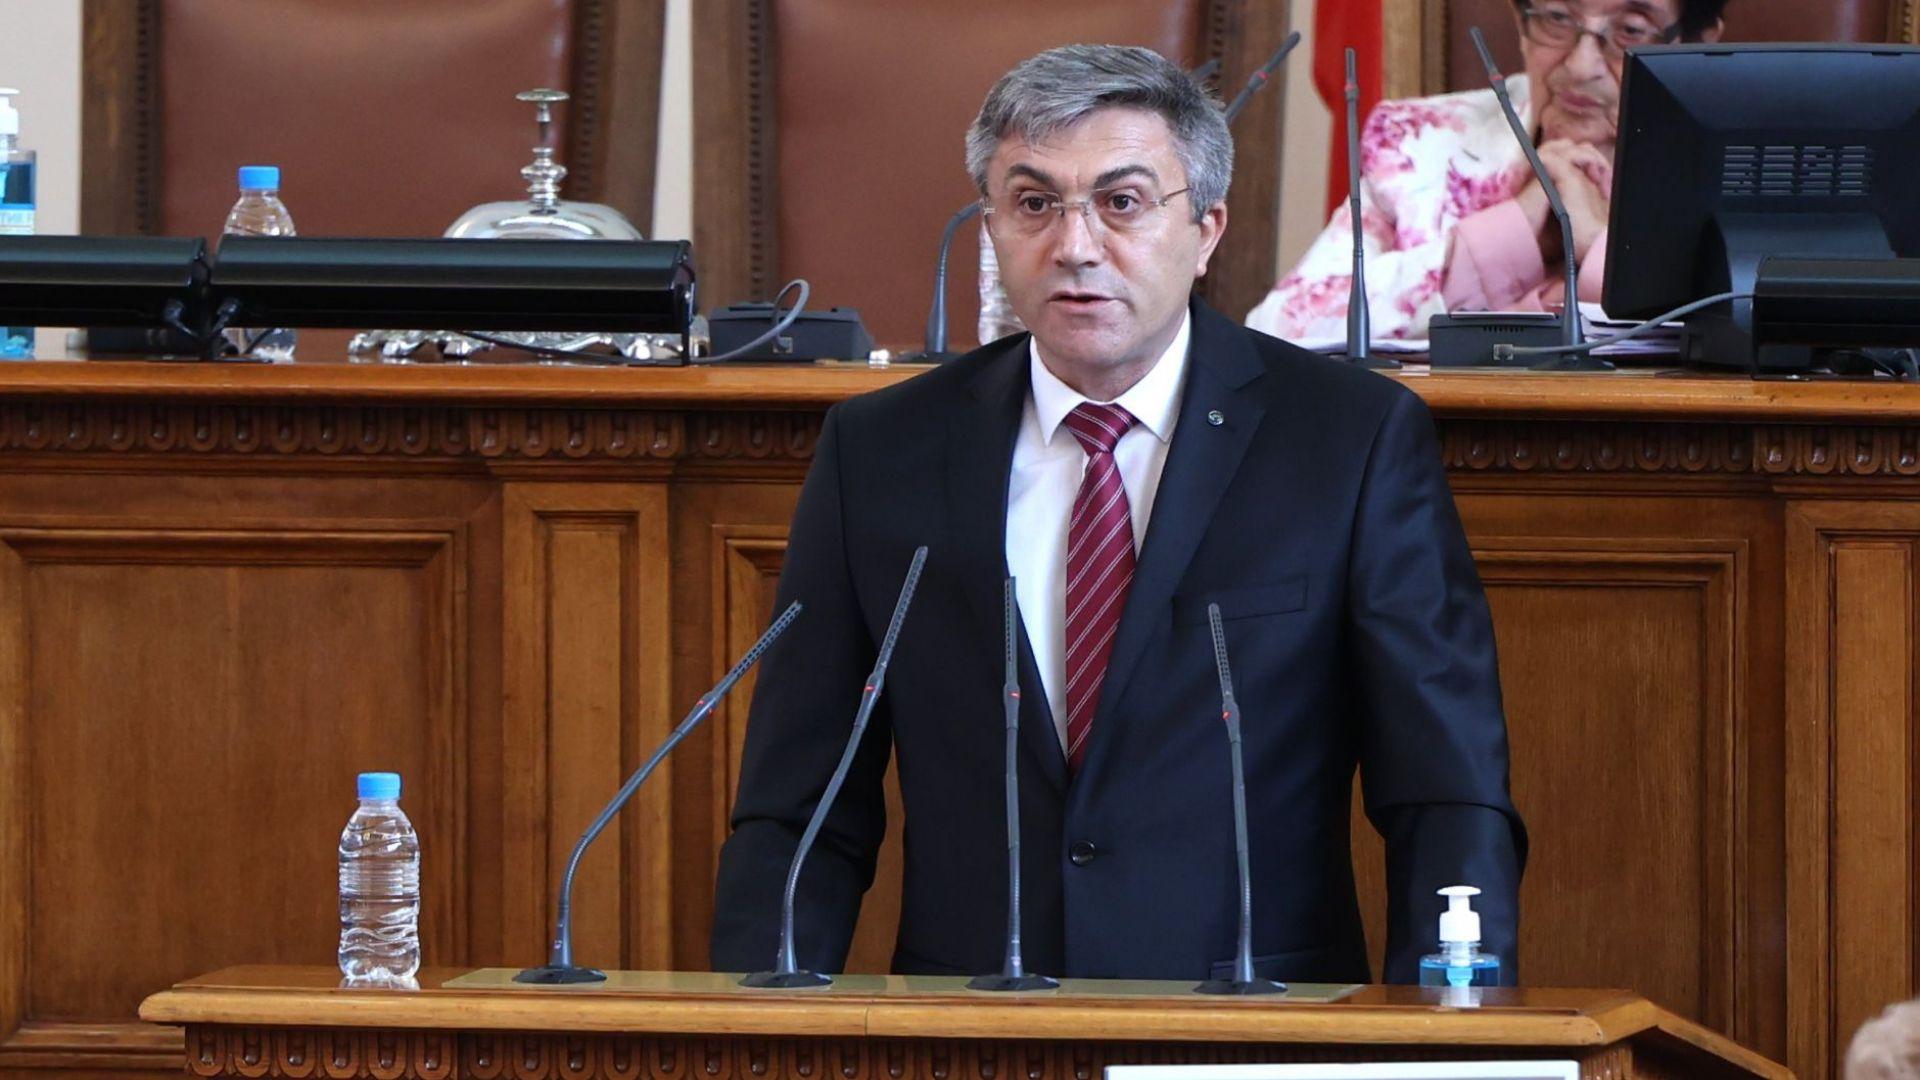 ДПС ще работят за това да има правителство, Карадайъ намекна, че подкрепя промяна